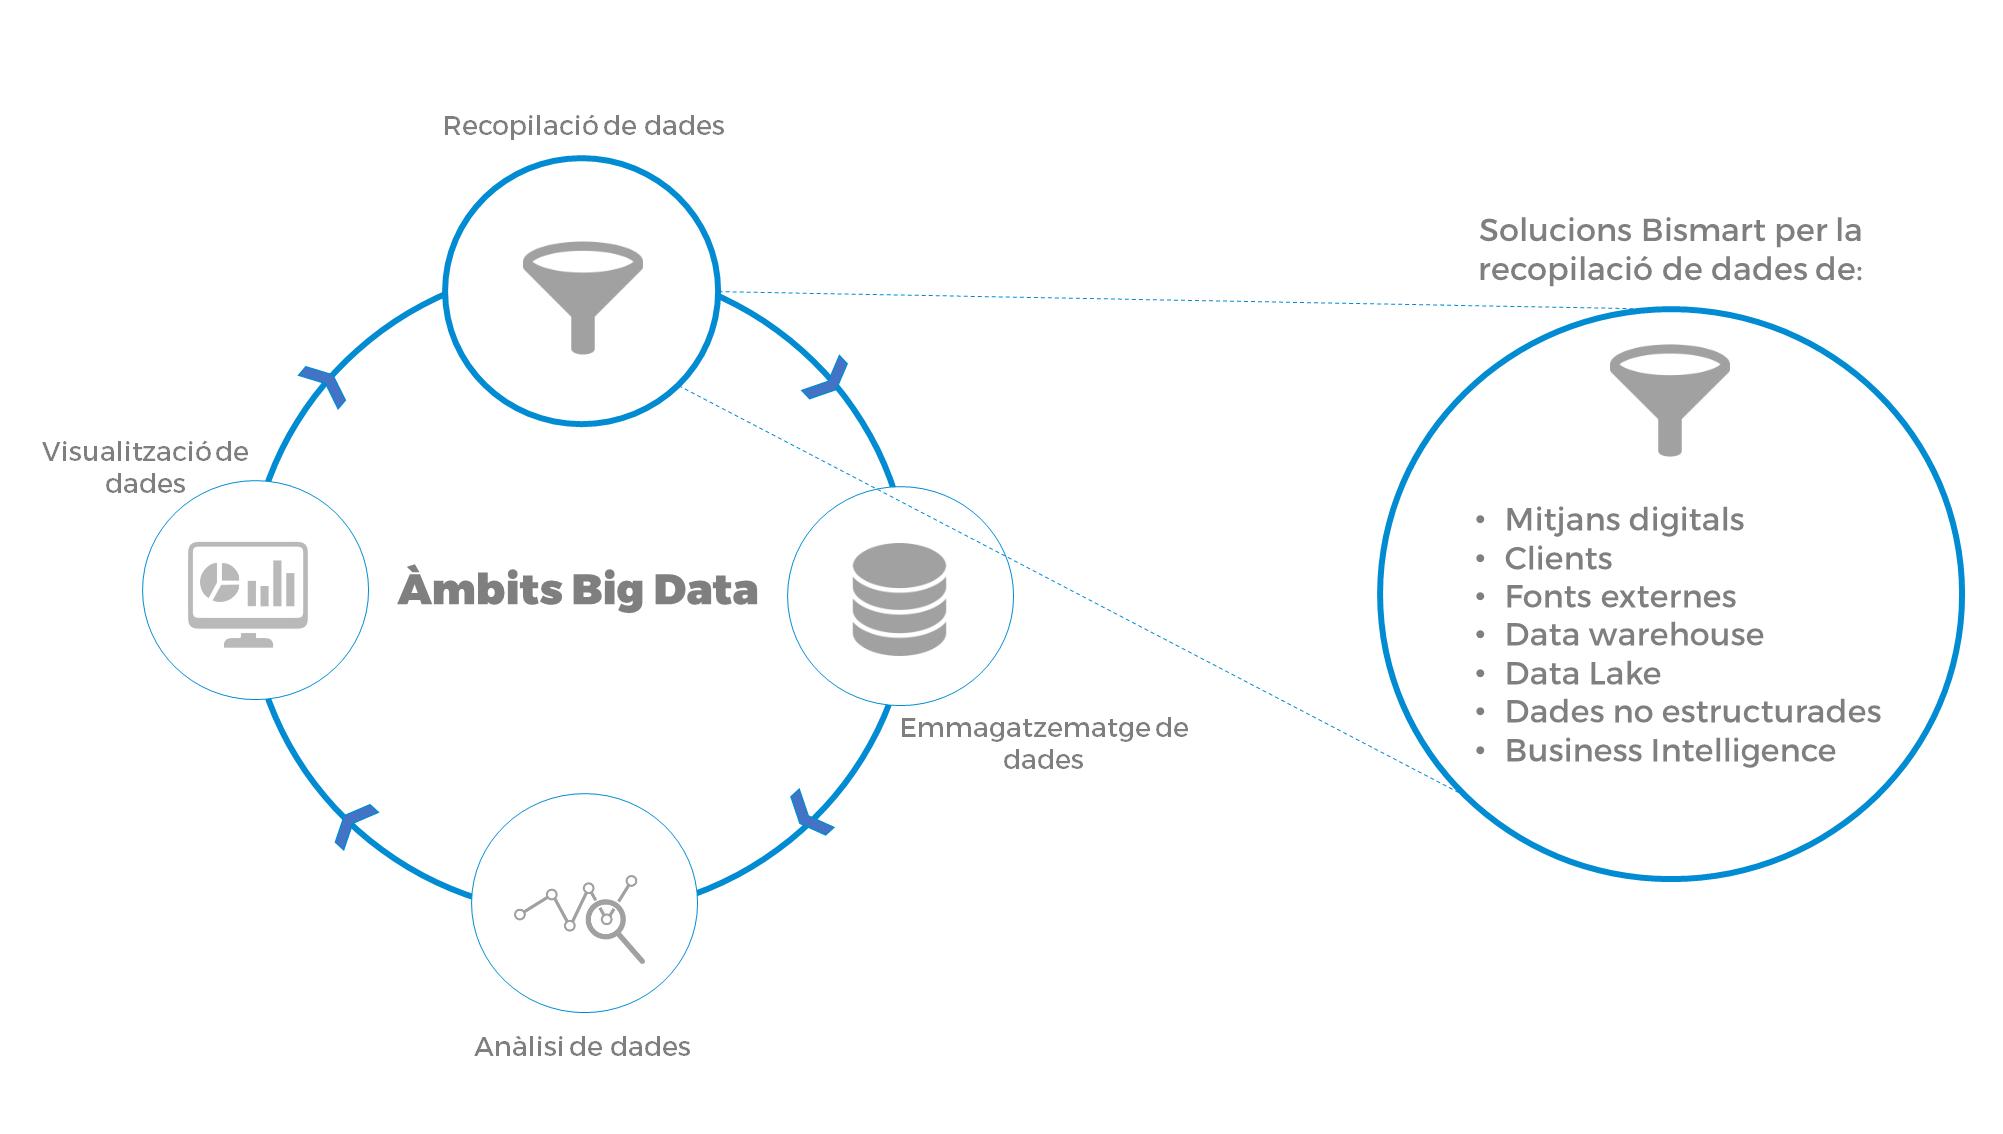 big data recopilacio de dades bismart